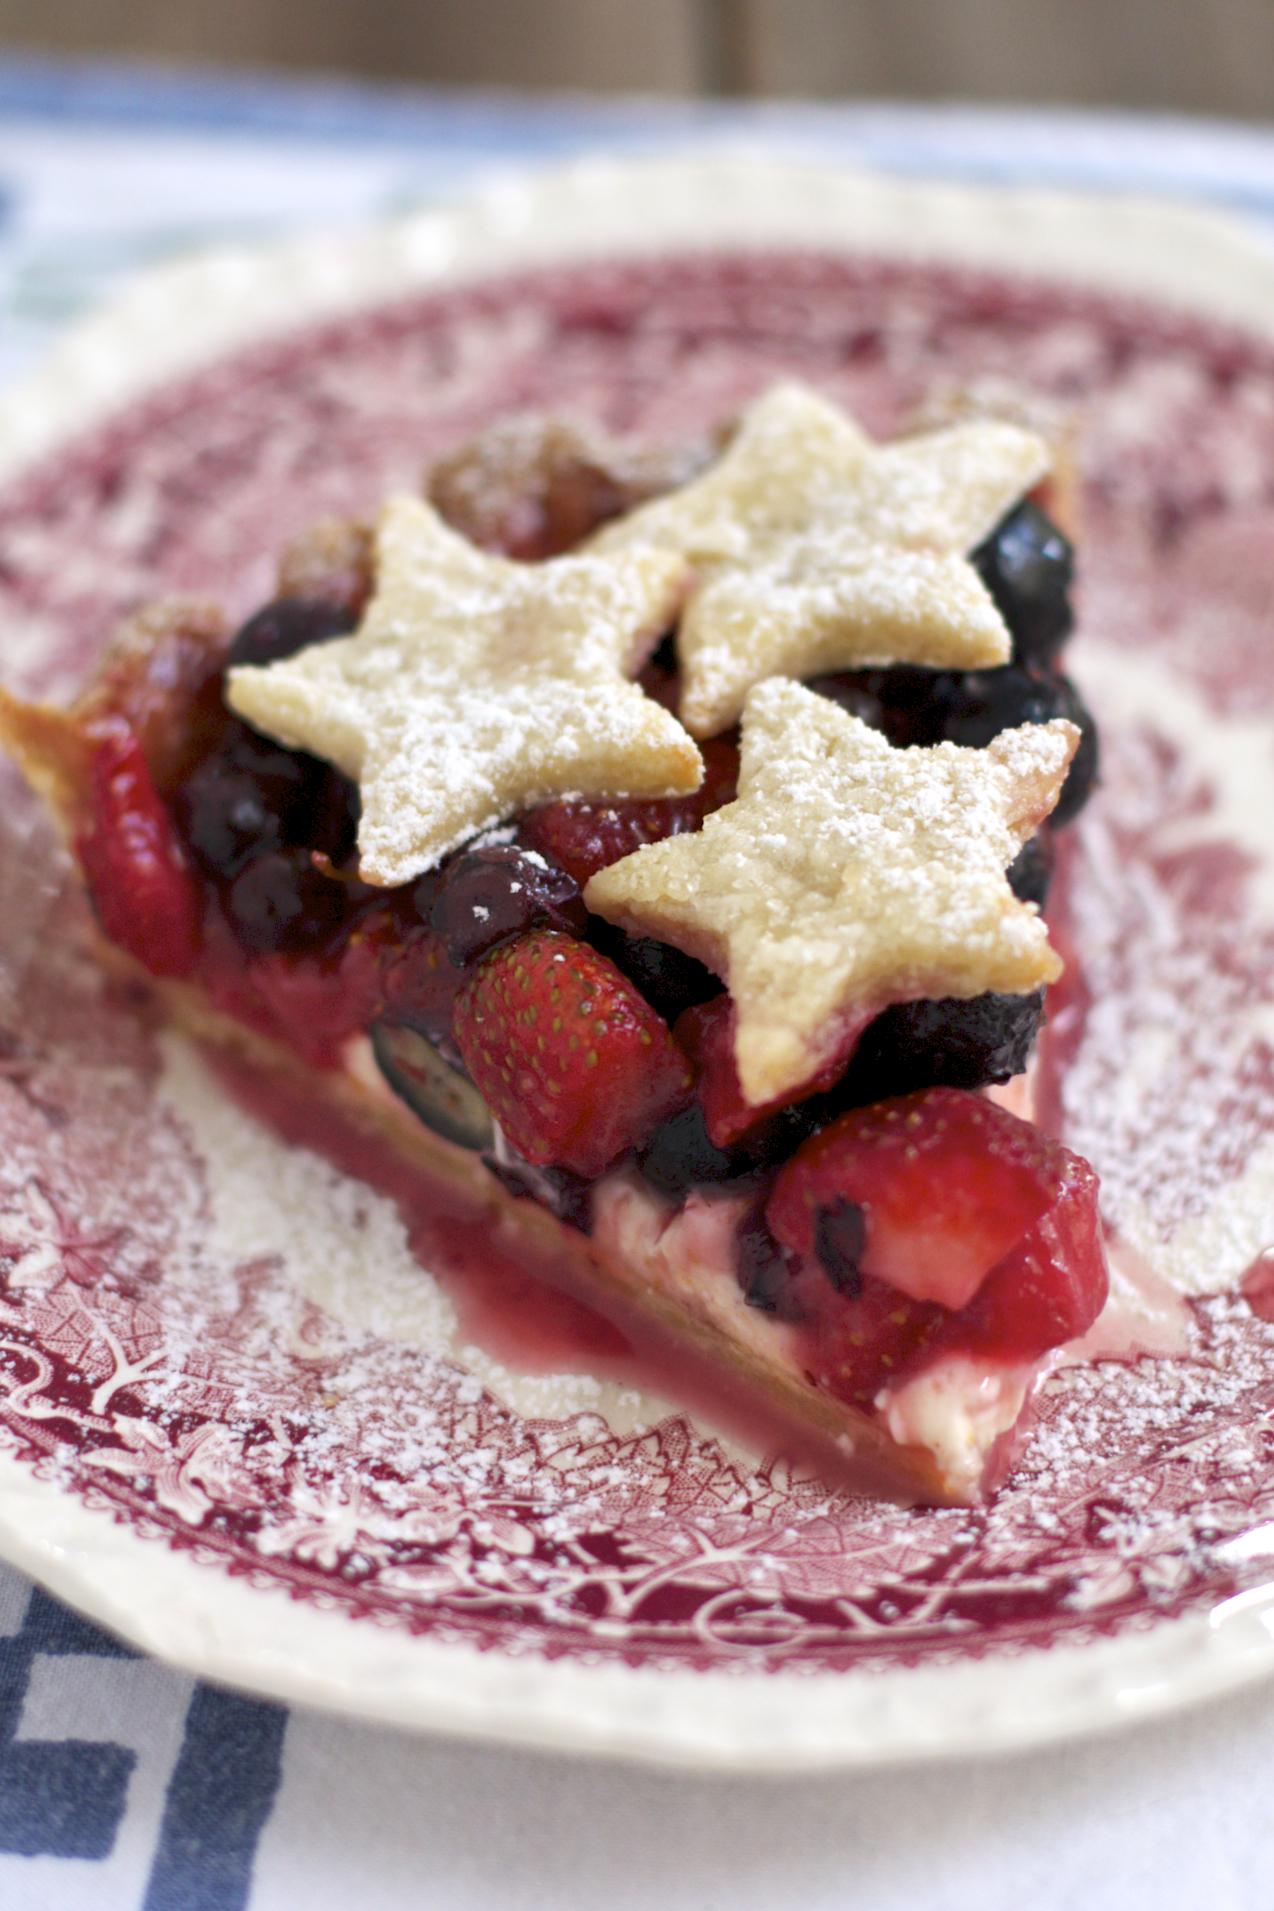 Strawberry and Blueberry Cream Cheese Pie - Sass & Veracity